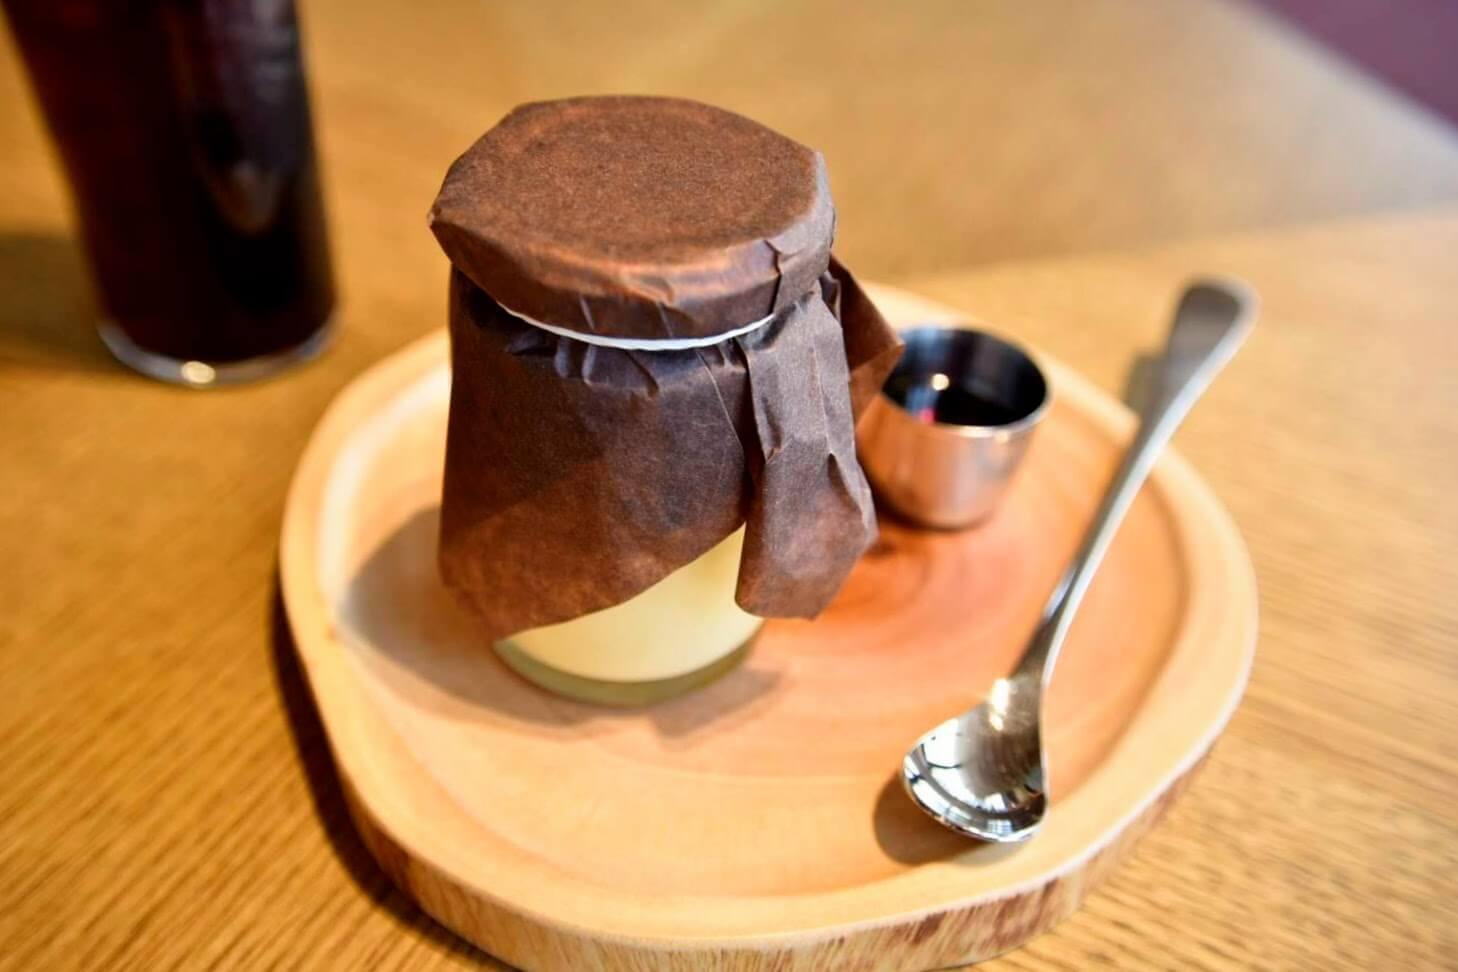 種子島産安納芋とマスカルポーネの焼きいもプリン(420円)